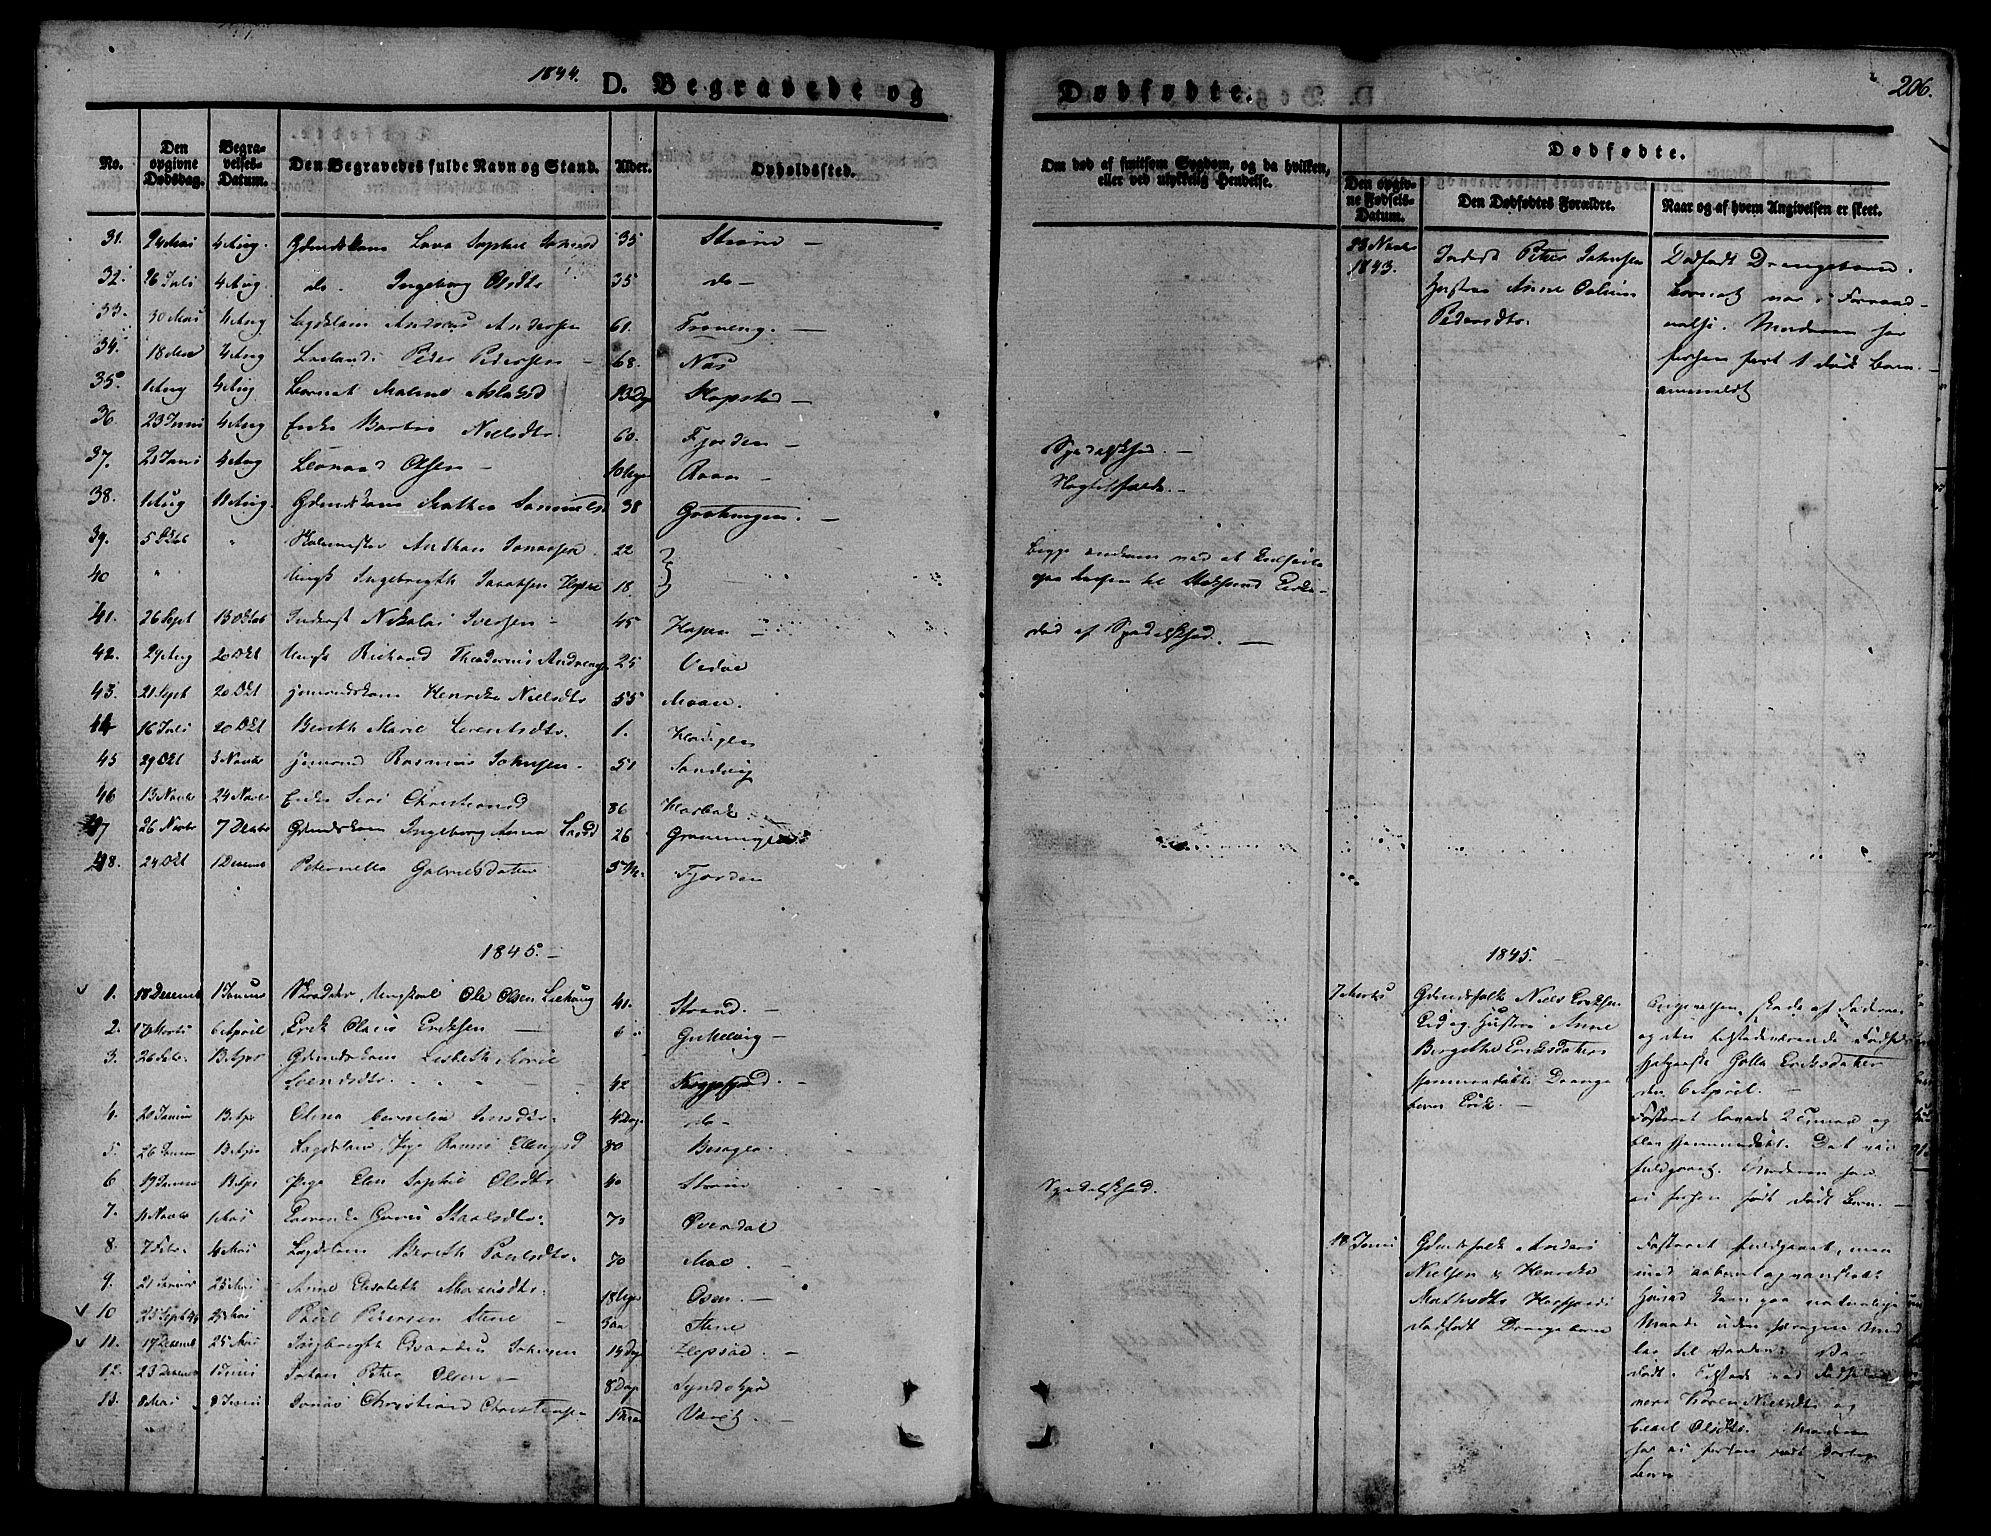 SAT, Ministerialprotokoller, klokkerbøker og fødselsregistre - Sør-Trøndelag, 657/L0703: Ministerialbok nr. 657A04, 1831-1846, s. 206